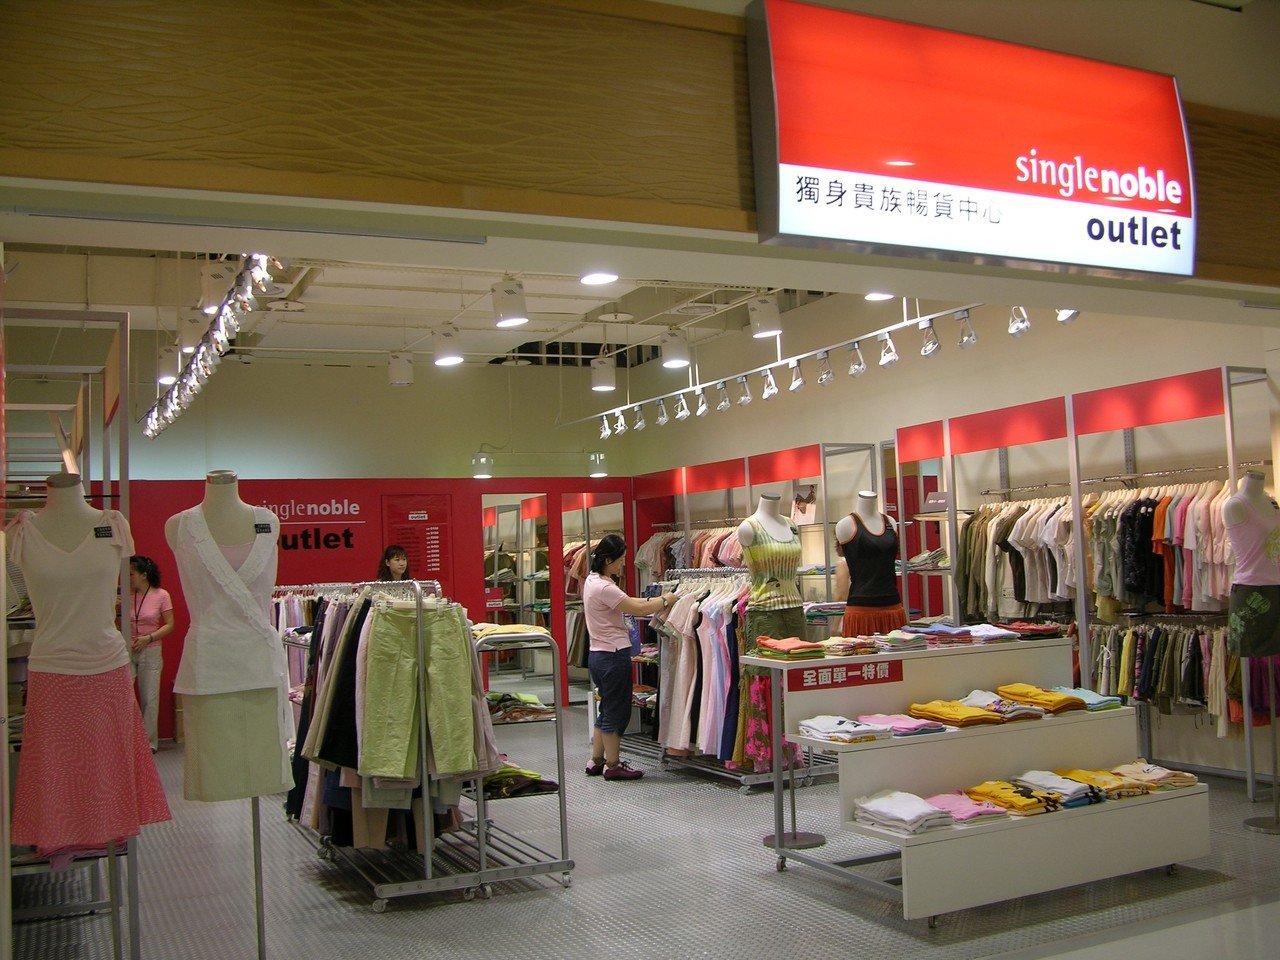 知名服飾品牌獨身貴族爆撤櫃欠薪,台北市勞動局證實,已受理20件勞資爭議調解,陸續...